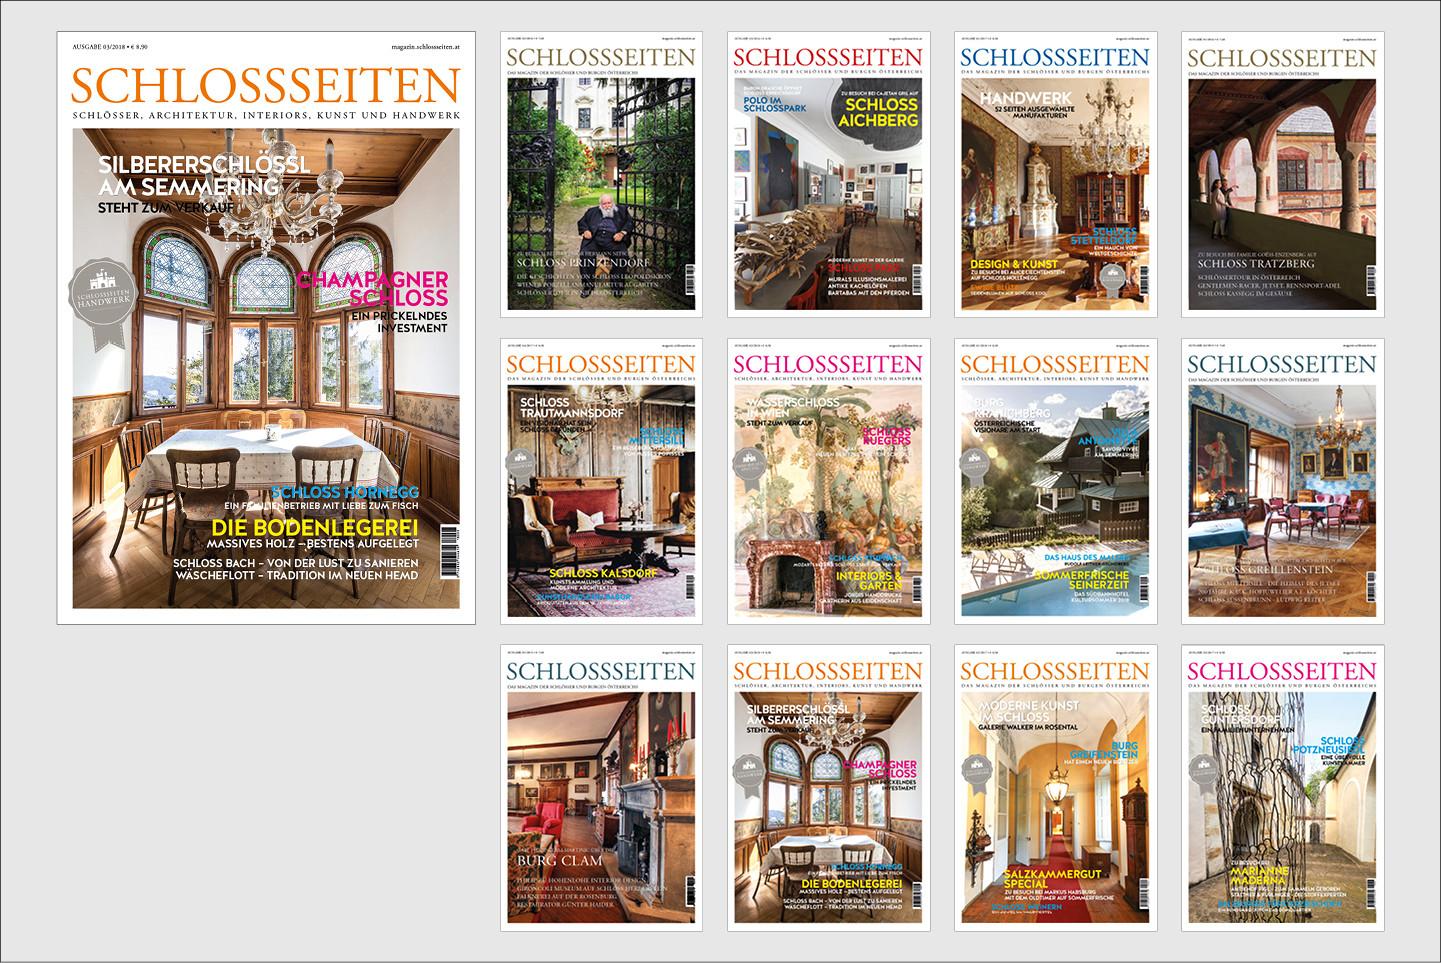 SCHLOSSSEITEN Magazin Fotografie, Grafik, Produktion Das Schlossseiten Magazin erscheint seit 2015 quartalsweise mit einer Auflage von 10.000 Exemplaren.